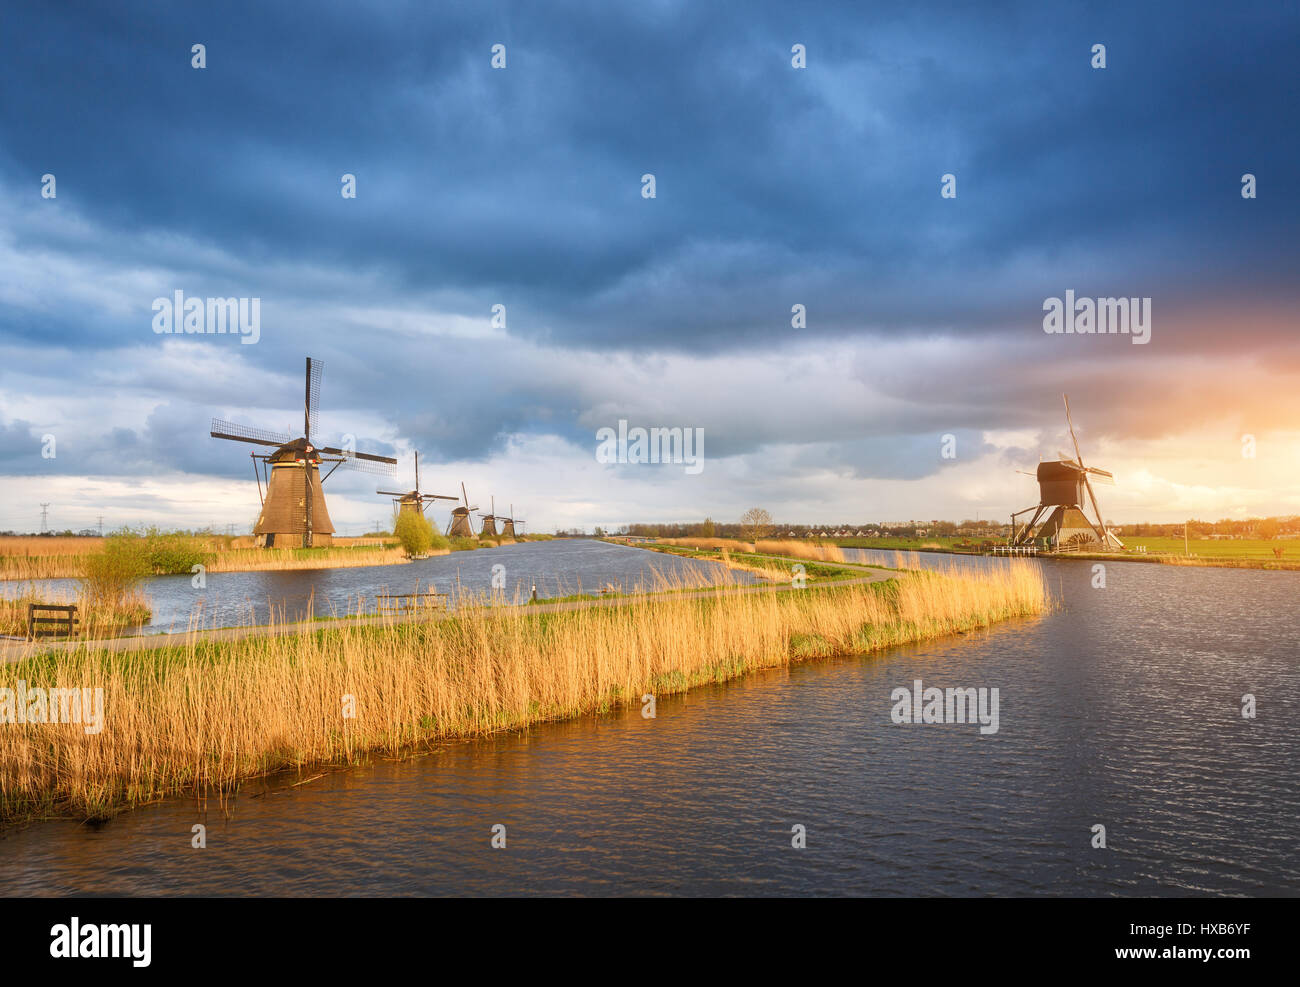 Incredibile mulini a vento. Paesaggio agreste con i tradizionali mulini a vento olandese vicino a canali di acqua Immagini Stock